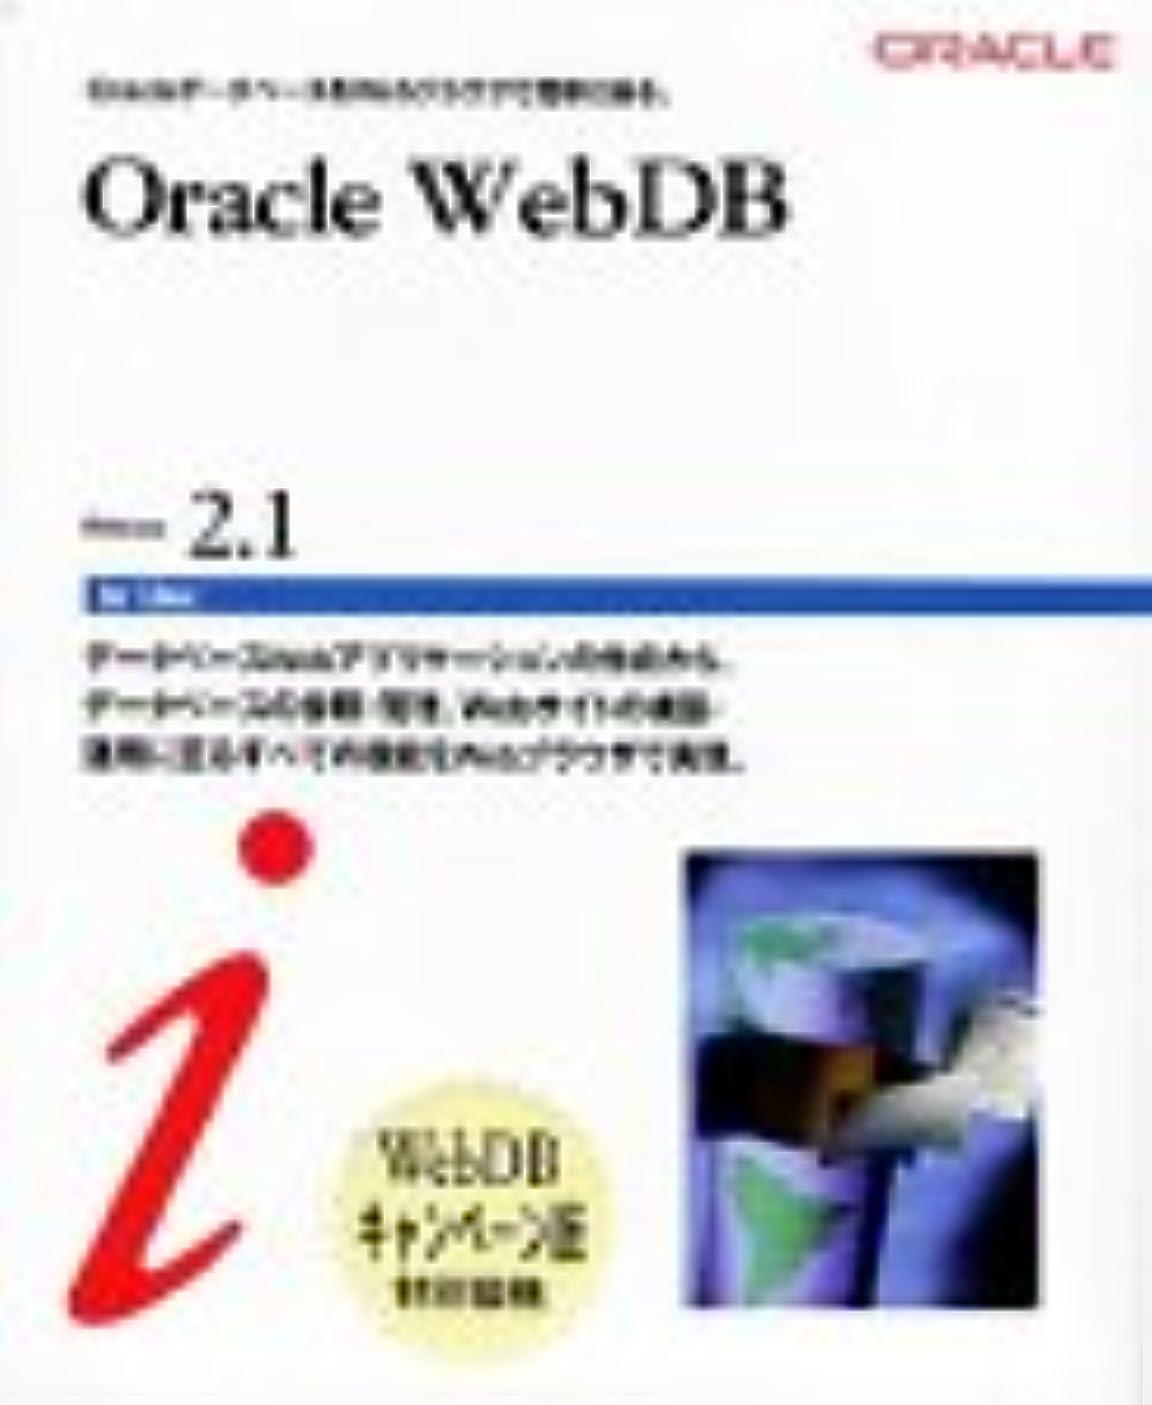 金属ハーネス代替Oracle WebDB for Linux R2.1 キャンペーン版